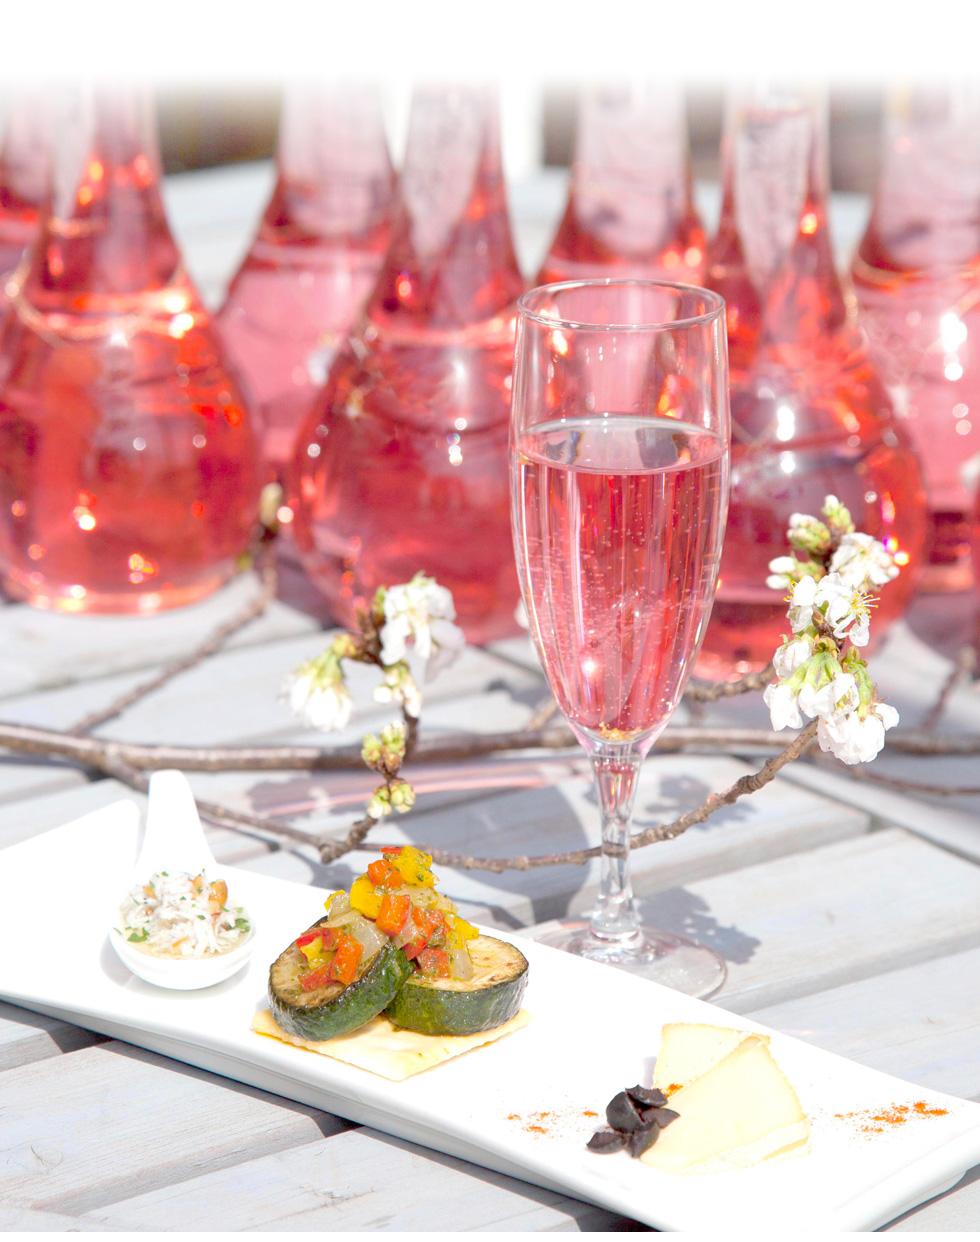 梅酒の大会で日本一になった事もある当社(中野BC)が作ったから、洋食など濃い味のお料理にも合う梅酒になりました。